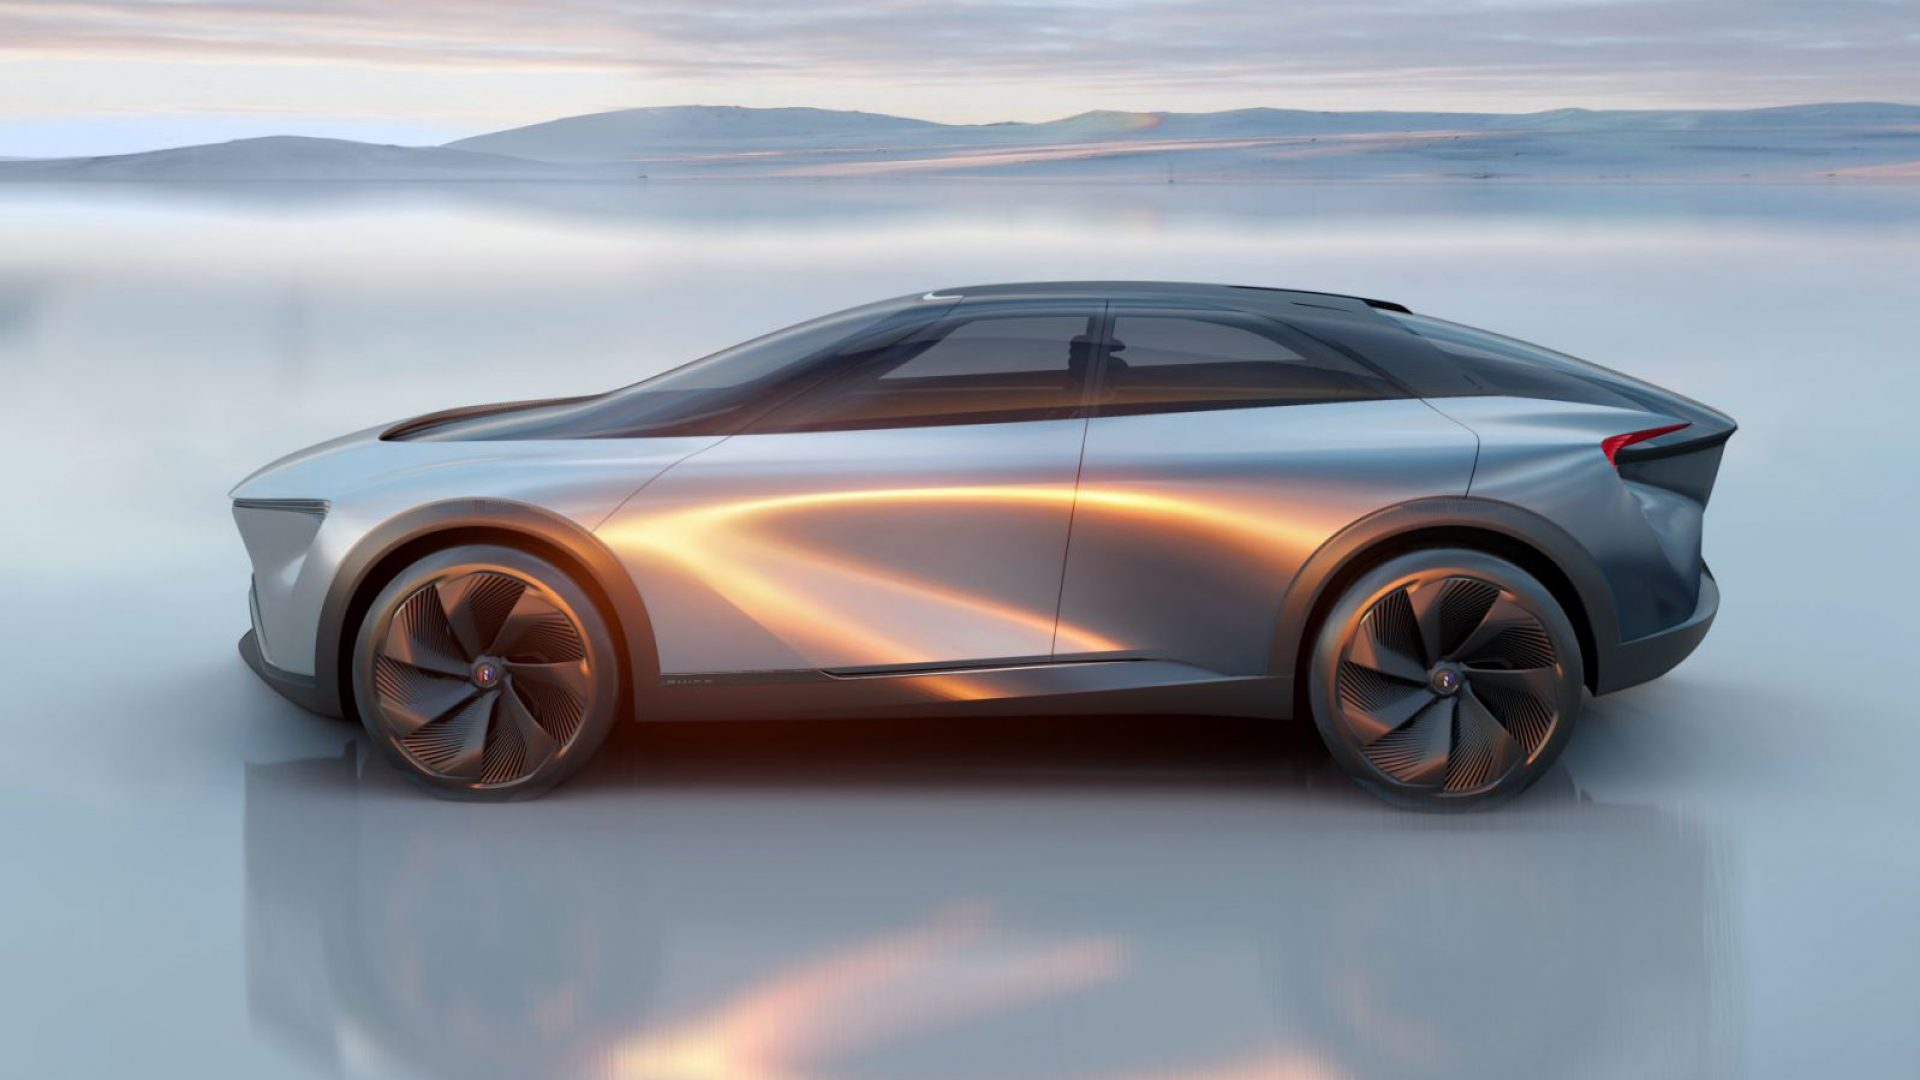 2020-Buick-Electra-Concept-06